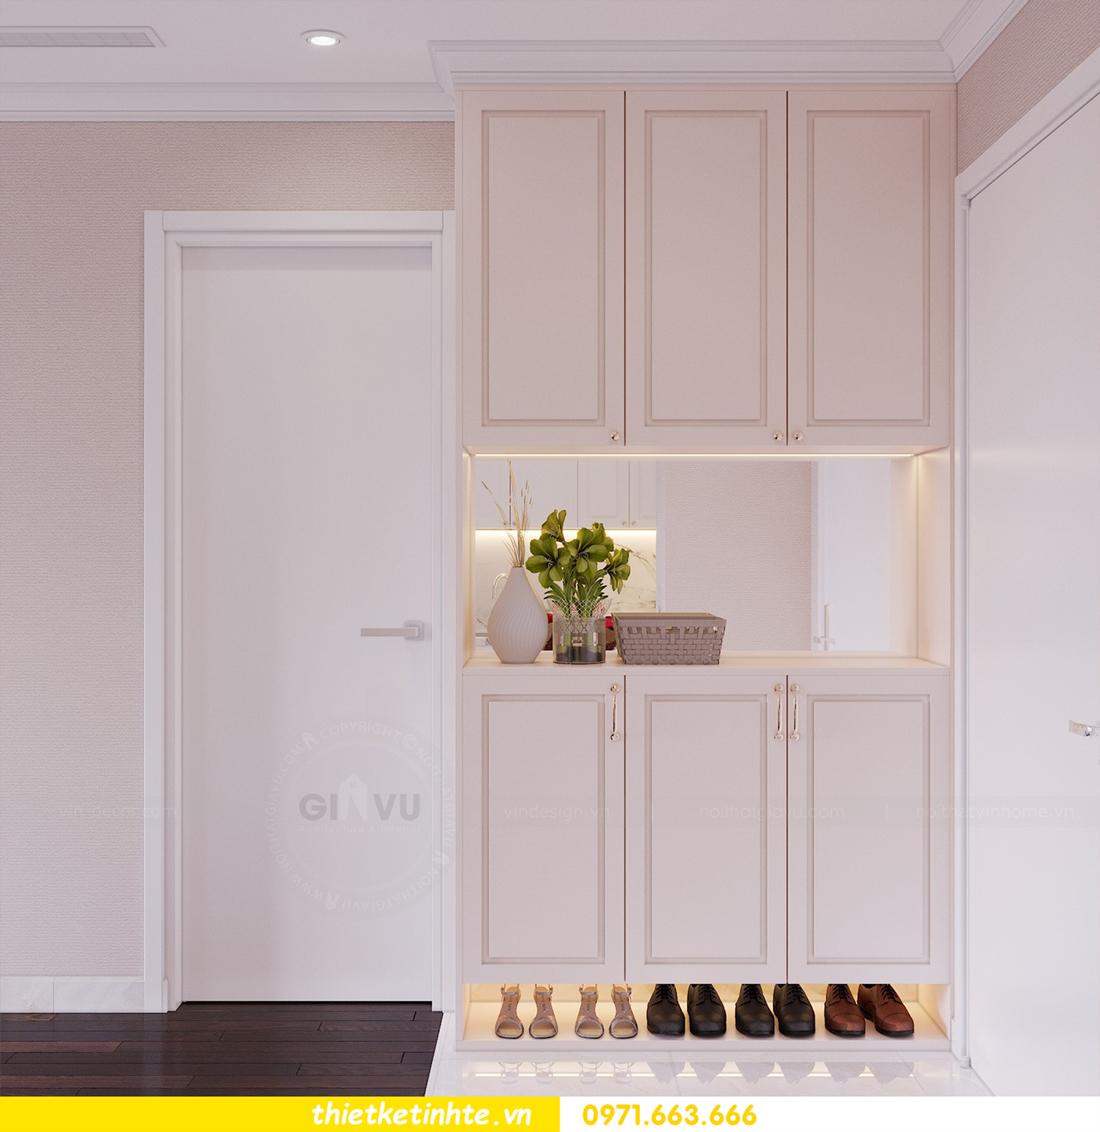 thiết kế nội thất chung cư Sunshine Riverside Tây Hồ nhà chị Hà 1